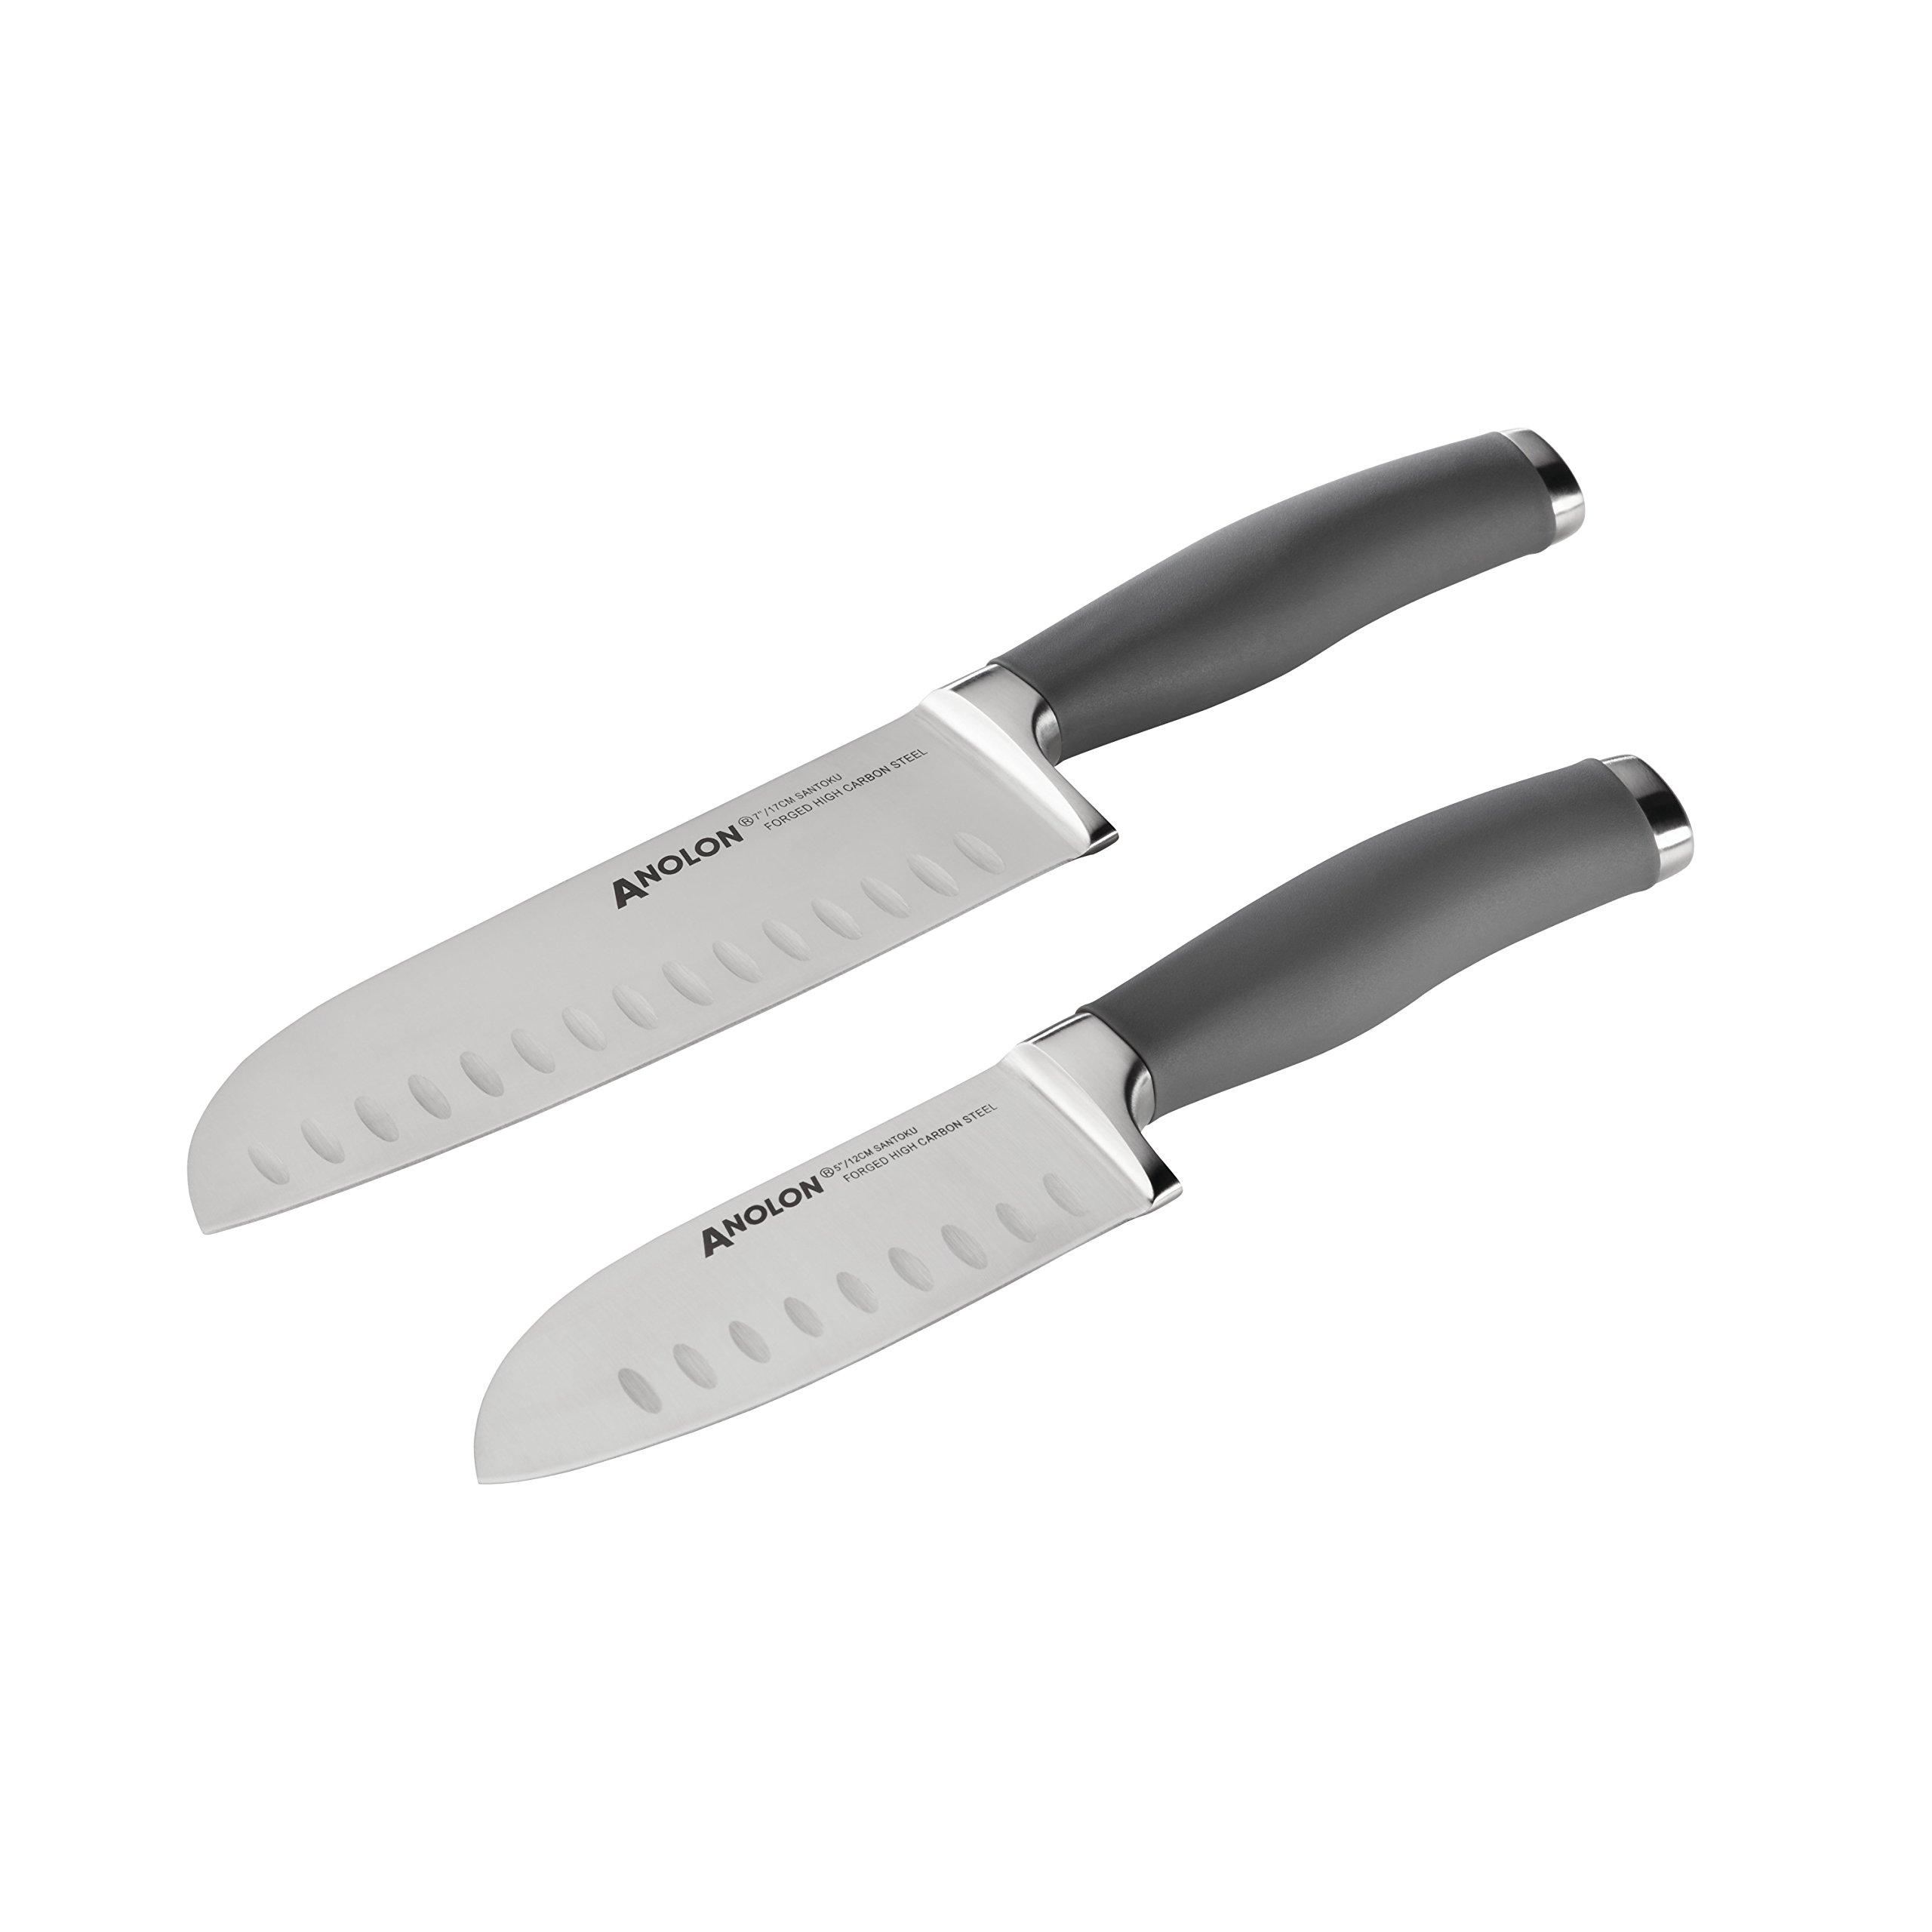 Anolon 51799 Santoku Knife Set, Gray